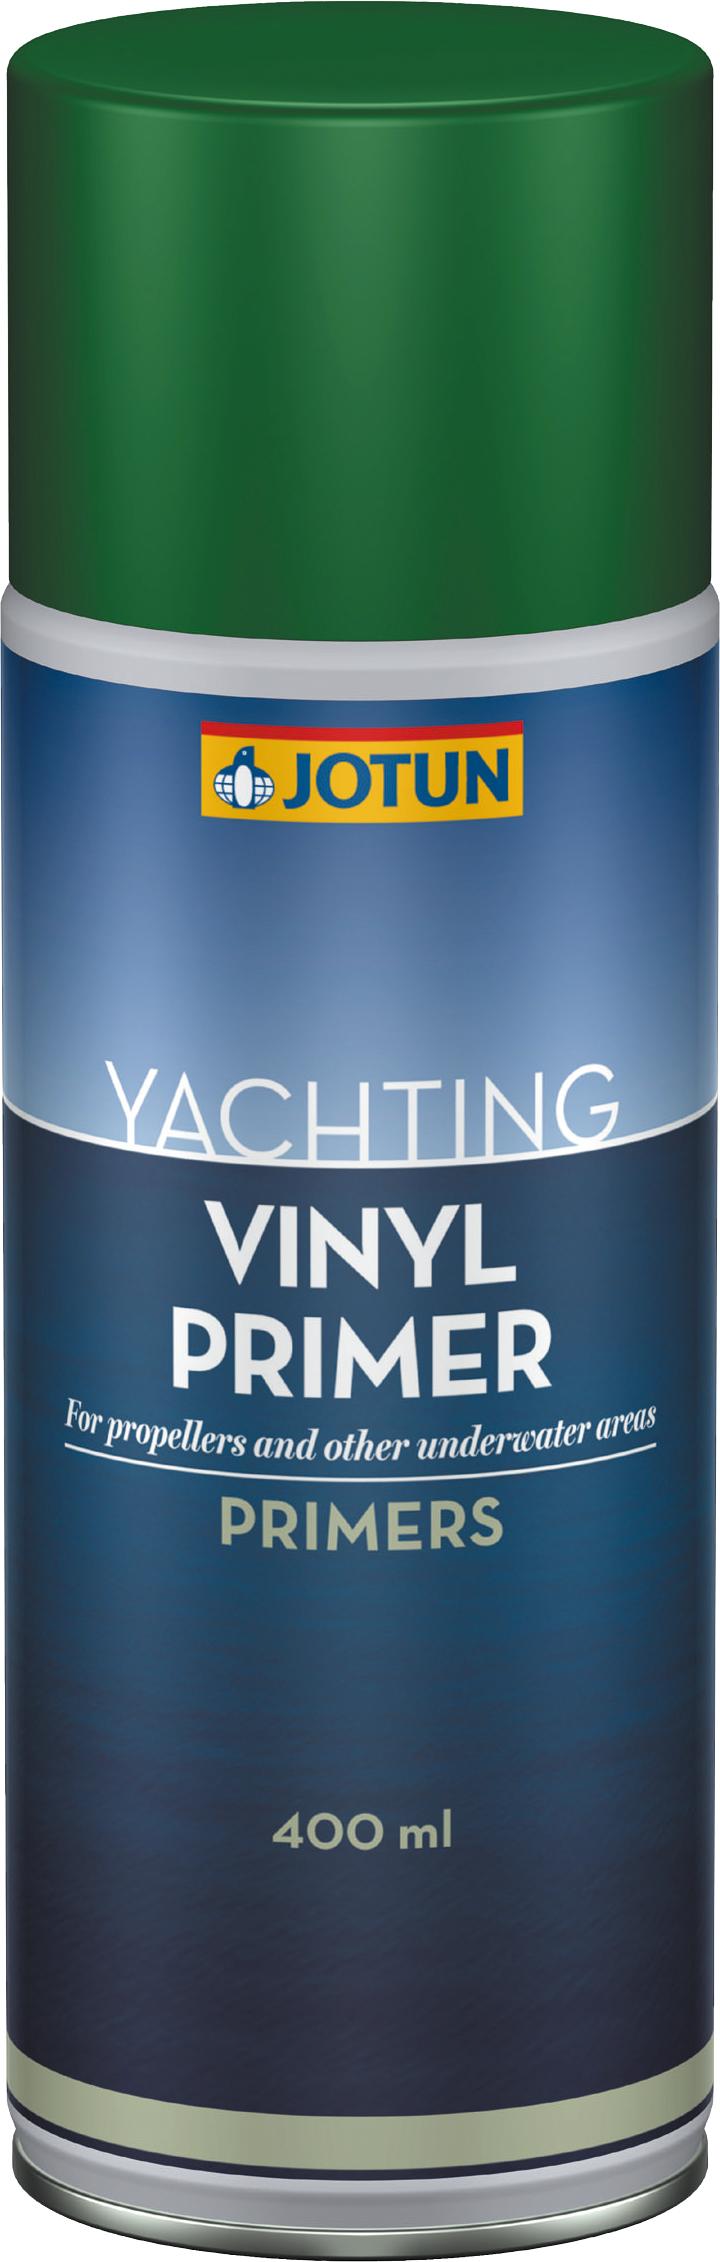 Jotun Vinyl Primer till Antifouling